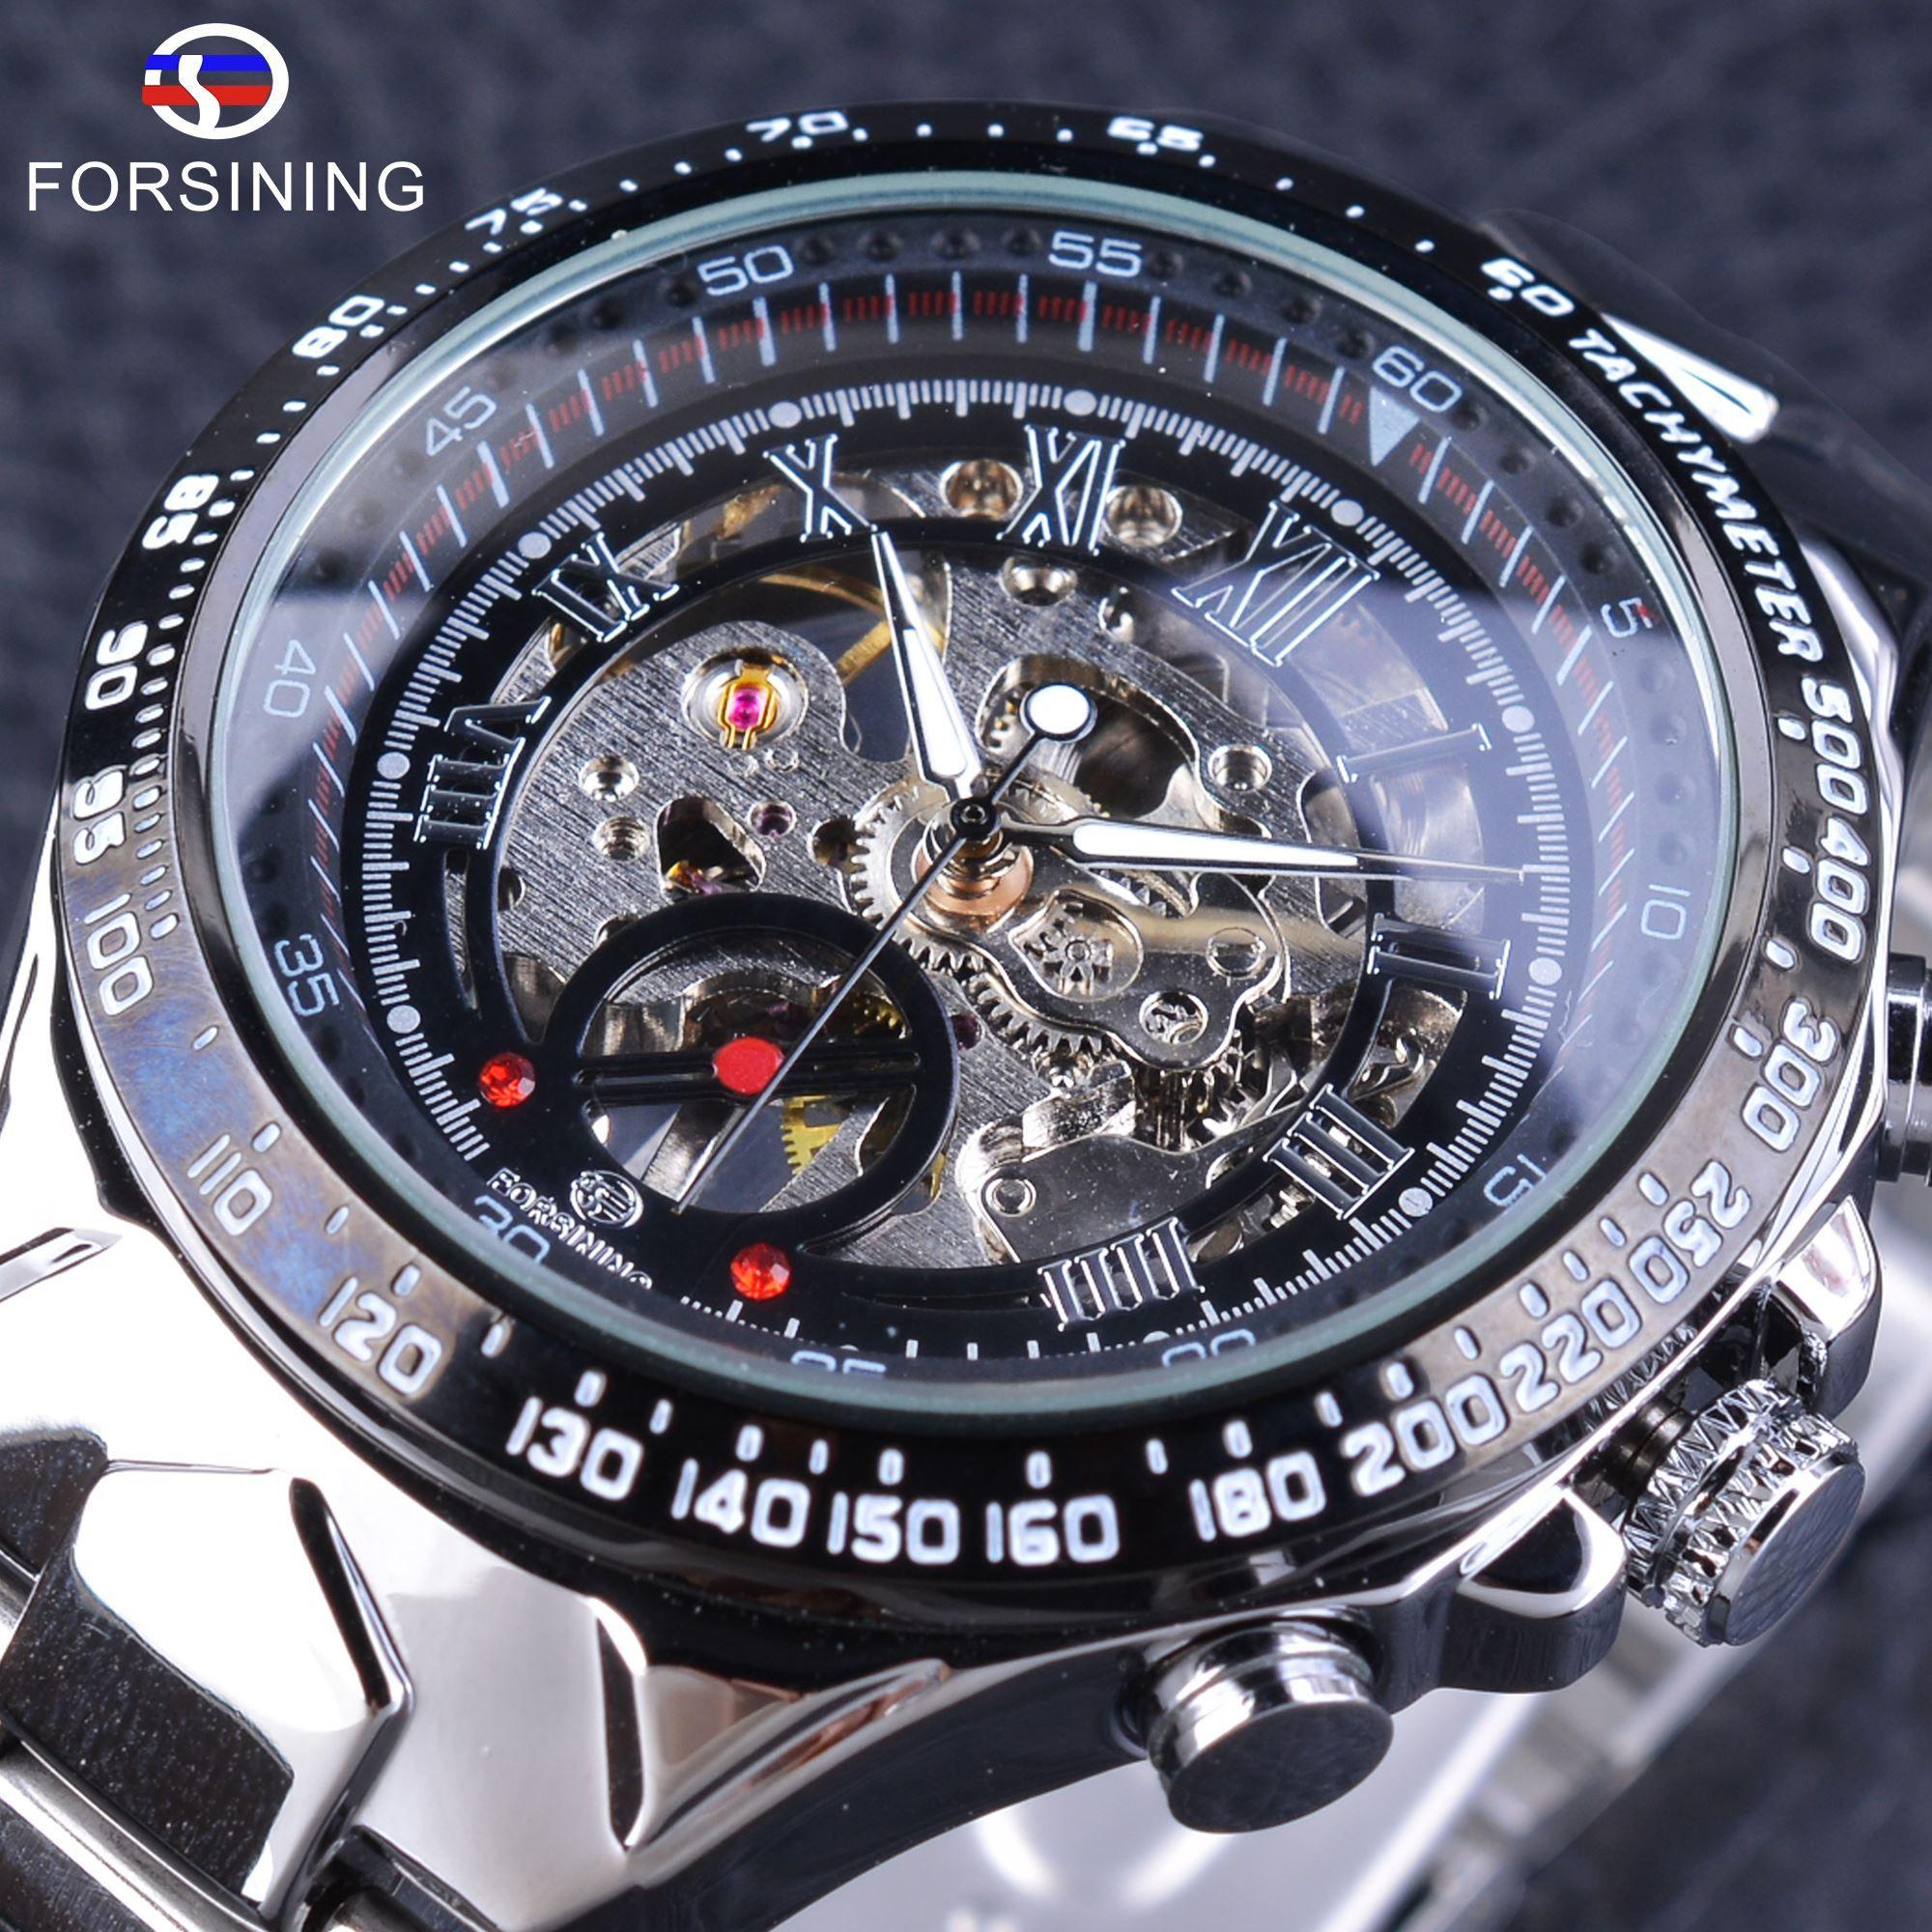 c649f607fa5 Compre X Forsining Relógios Masculinos Mão Mecânica Movimento Pelo Vento  Esqueleto À Prova D Água Design Esporte Relógios De Pulso Top Marca De Luxo  Relógio ...